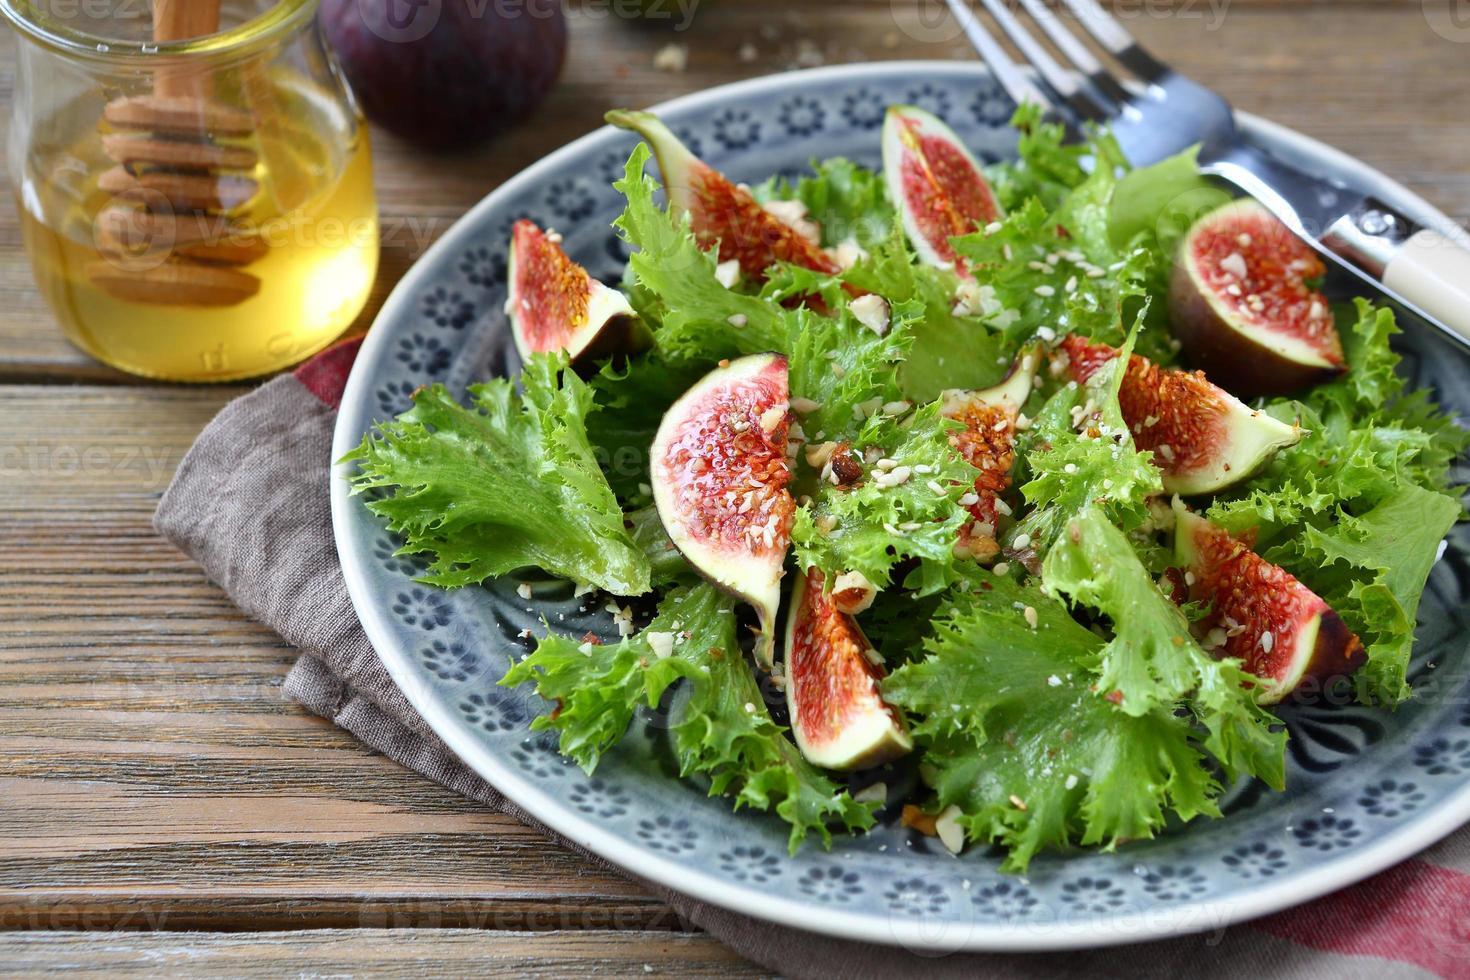 leichter Salat mit Feigen, Salat und Honig foto